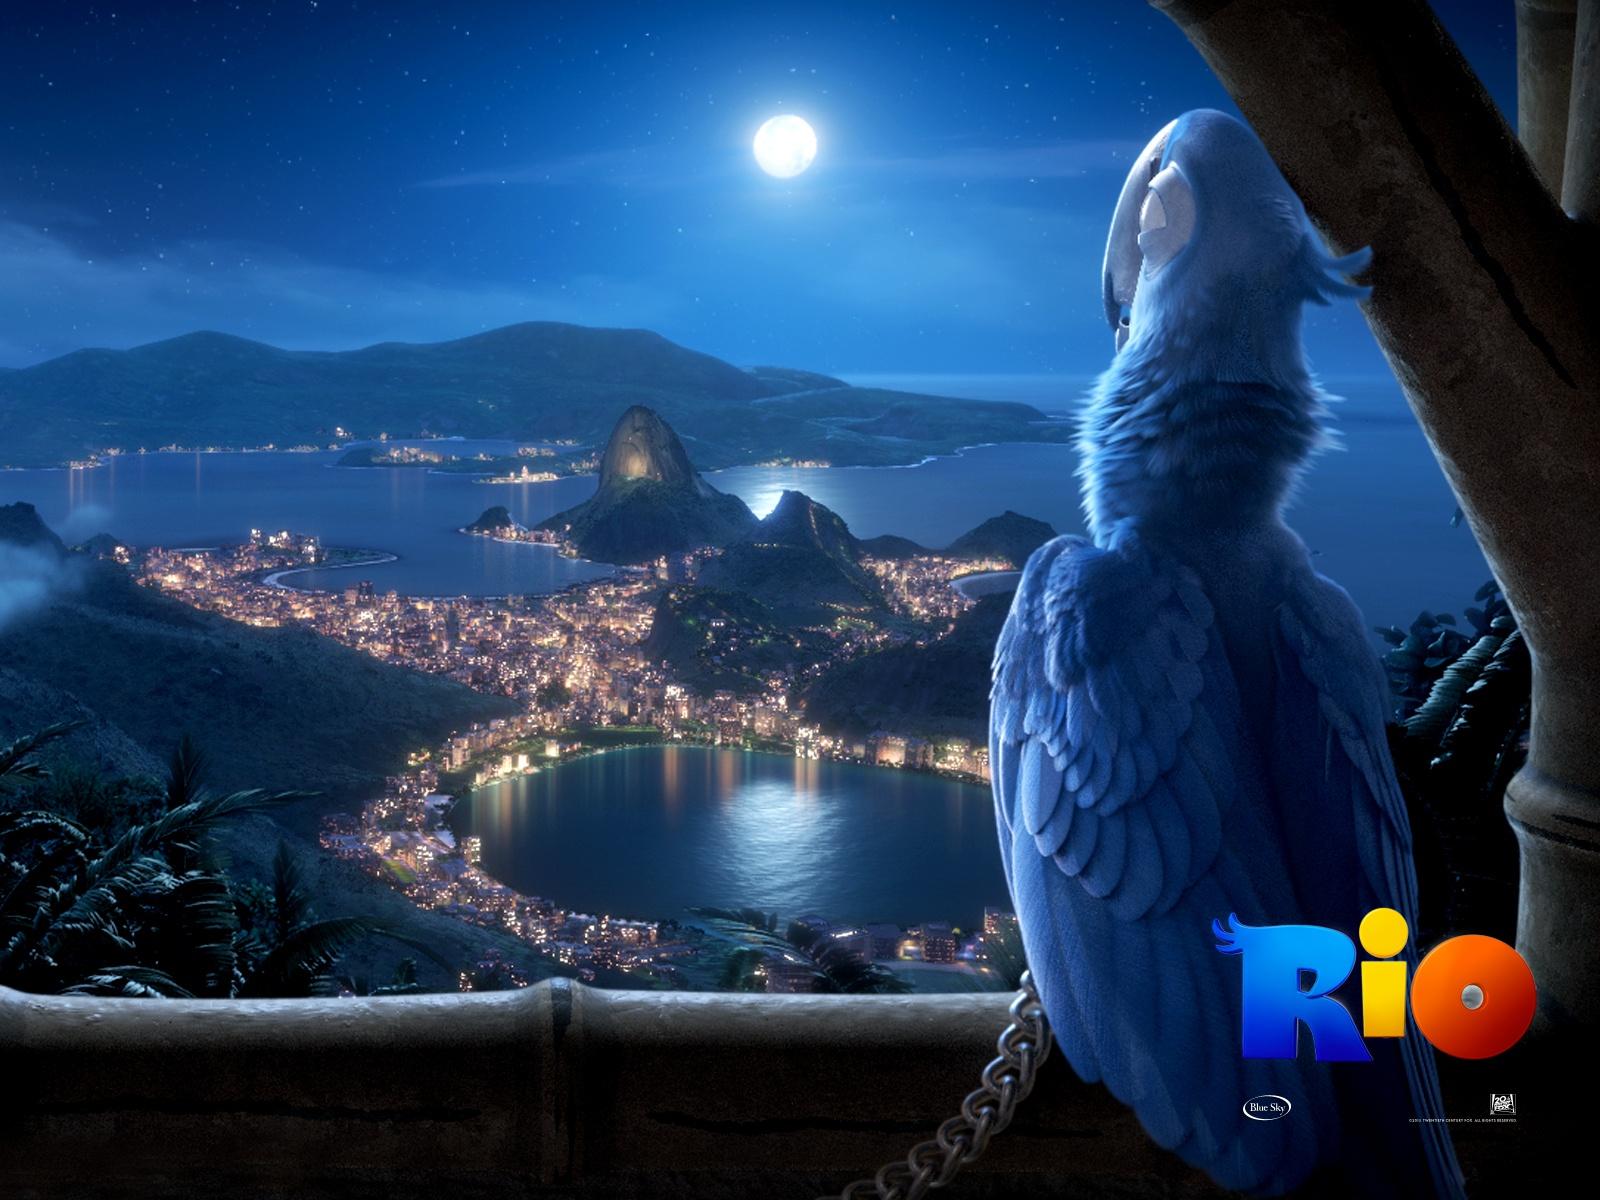 http://2.bp.blogspot.com/-siUW1goGTEI/Tee_0tIzbQI/AAAAAAAAAdA/eMXKjksoOMc/s1600/Rio+2011+Wallpapers-6.jpg